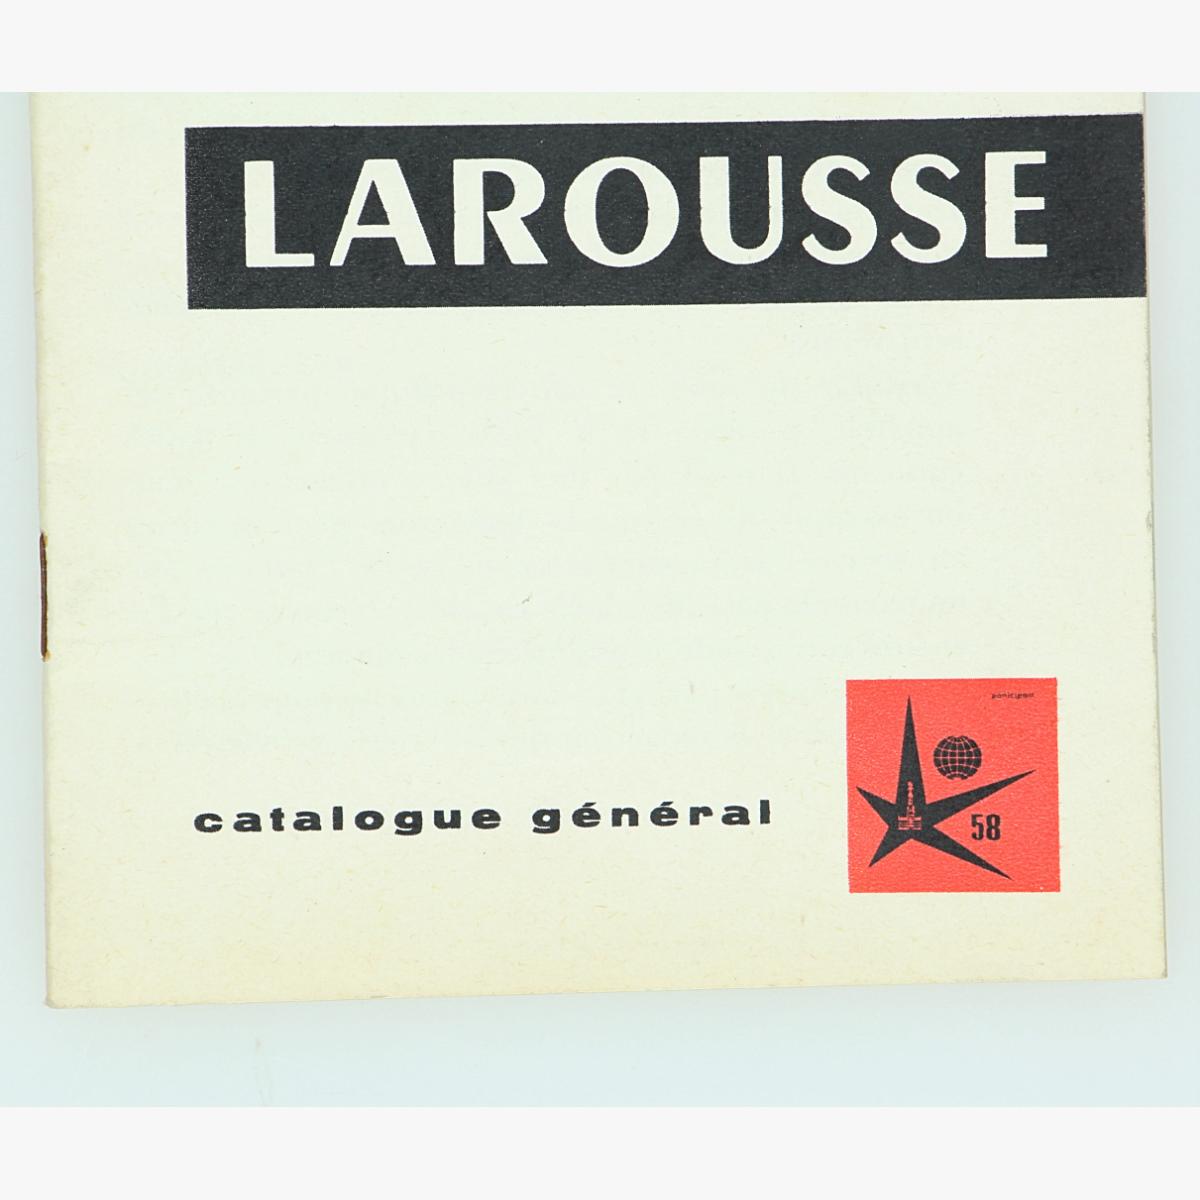 Afbeeldingen van expo 58 le centre des connaissances de monde larousse catalogue général